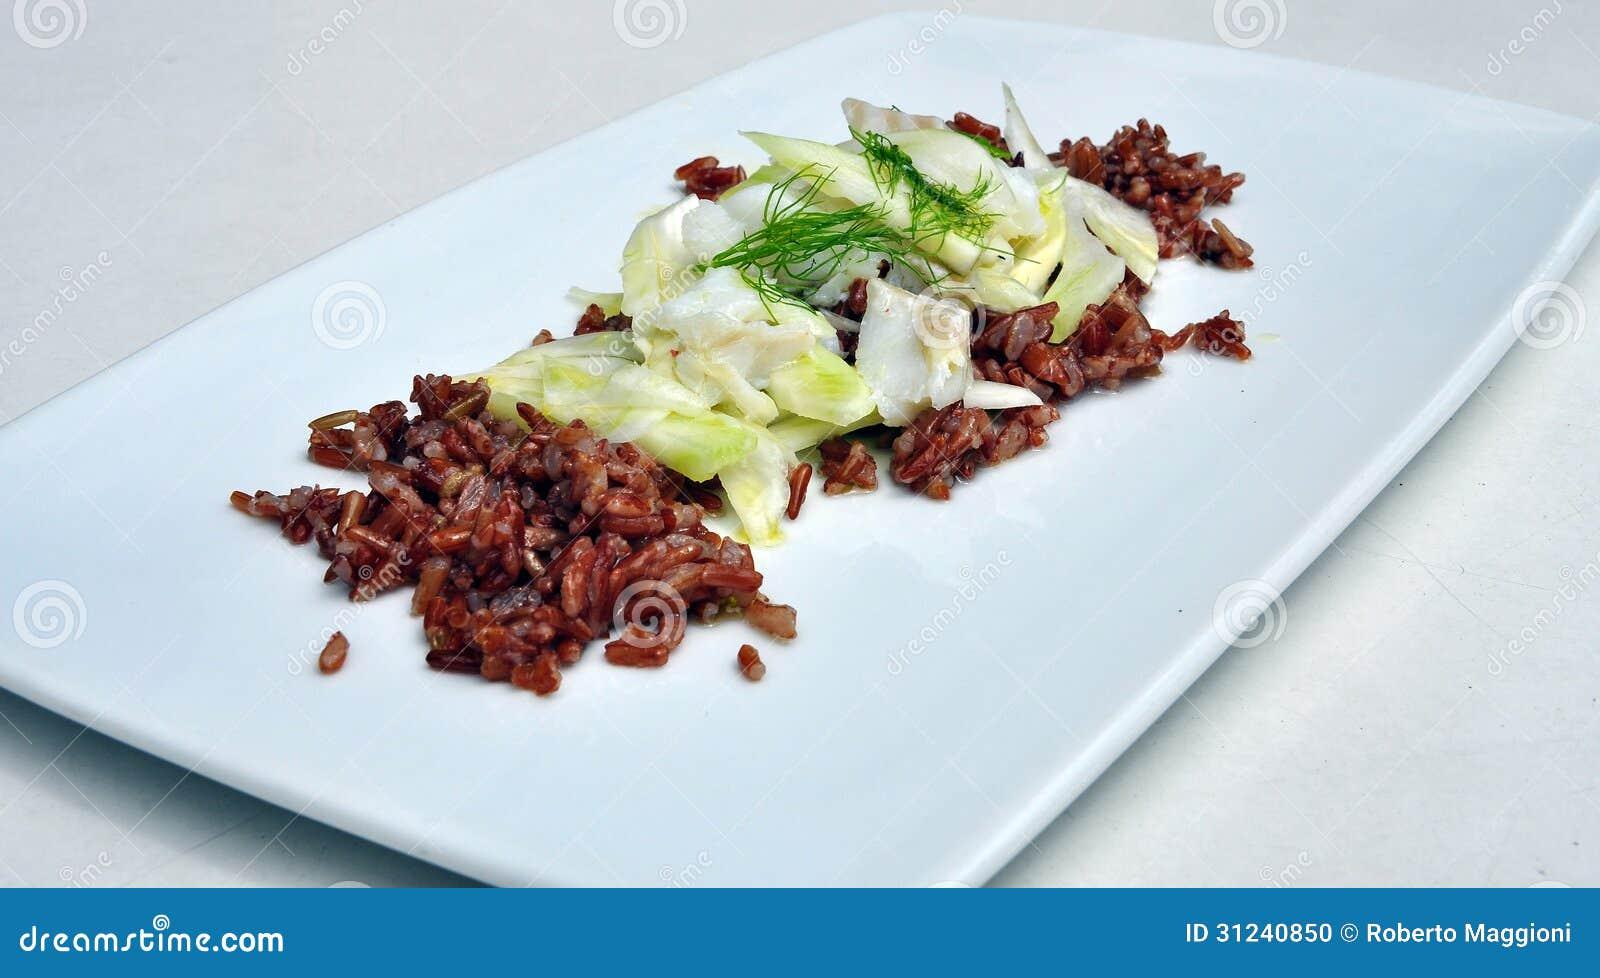 Deco Chambre Union Jack : Plats gastronomiques italiens  riz et salade rouges de morue avec l